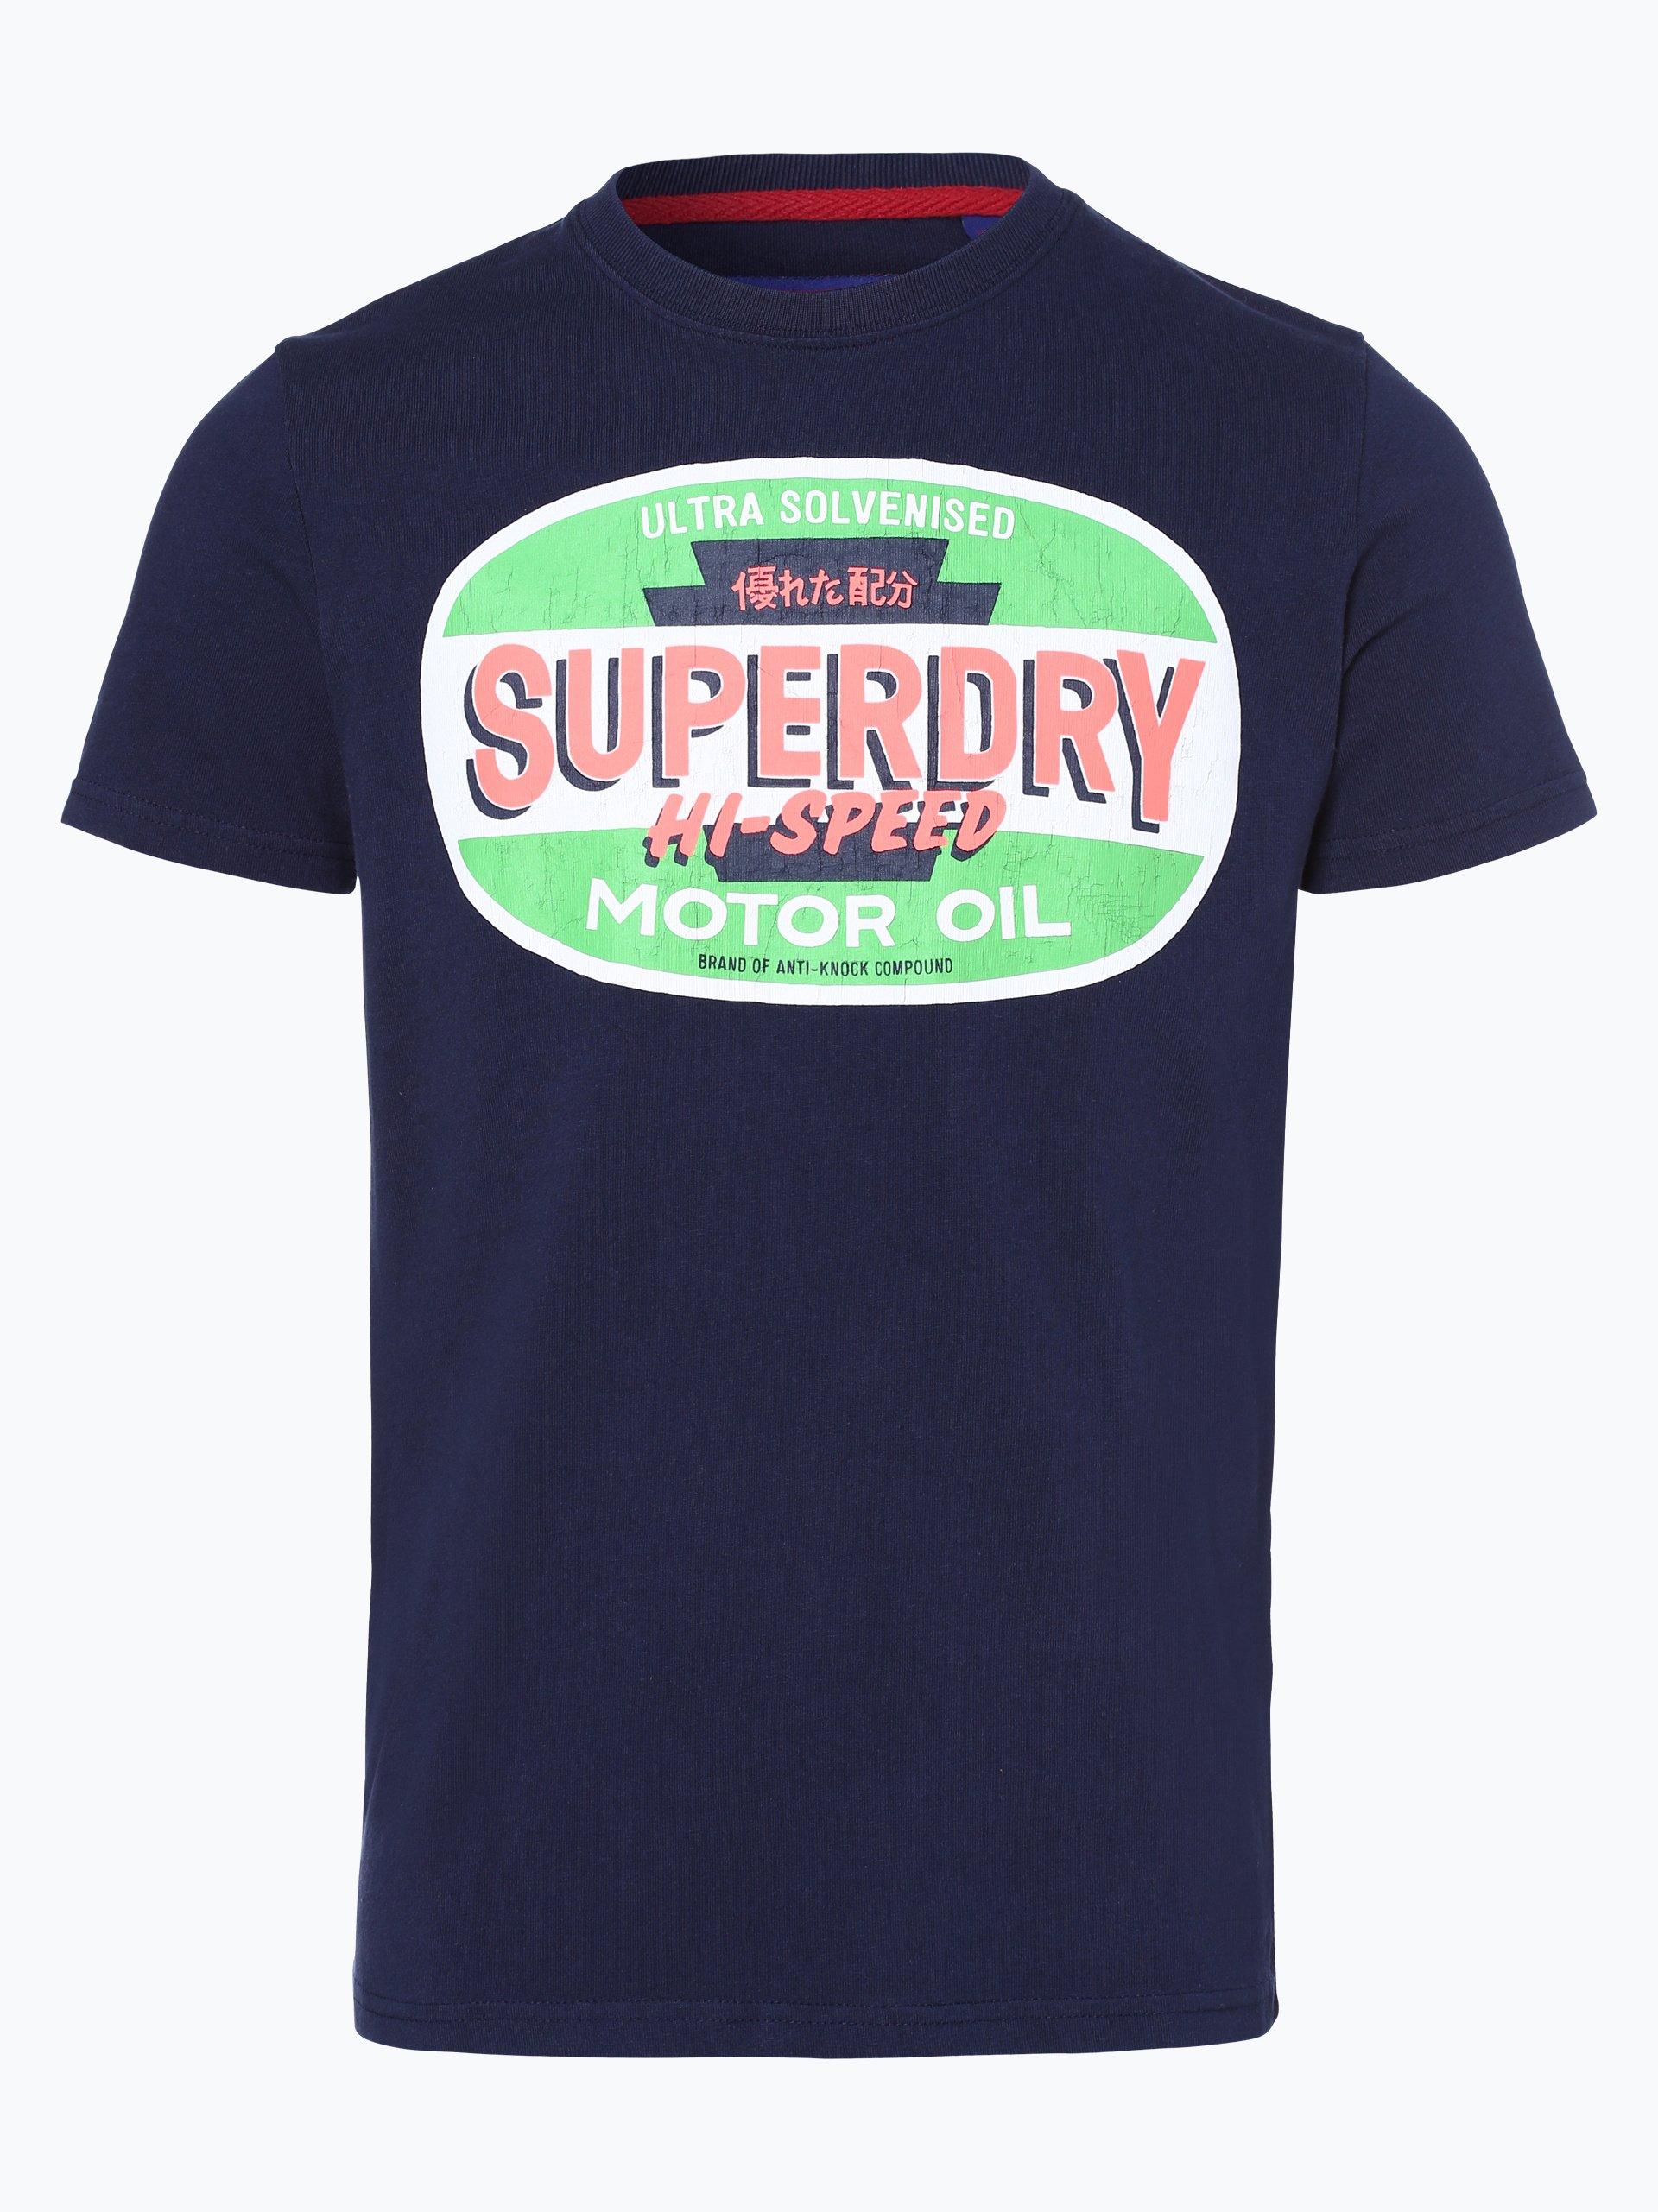 superdry herren t shirt marine uni online kaufen peek und cloppenburg de. Black Bedroom Furniture Sets. Home Design Ideas